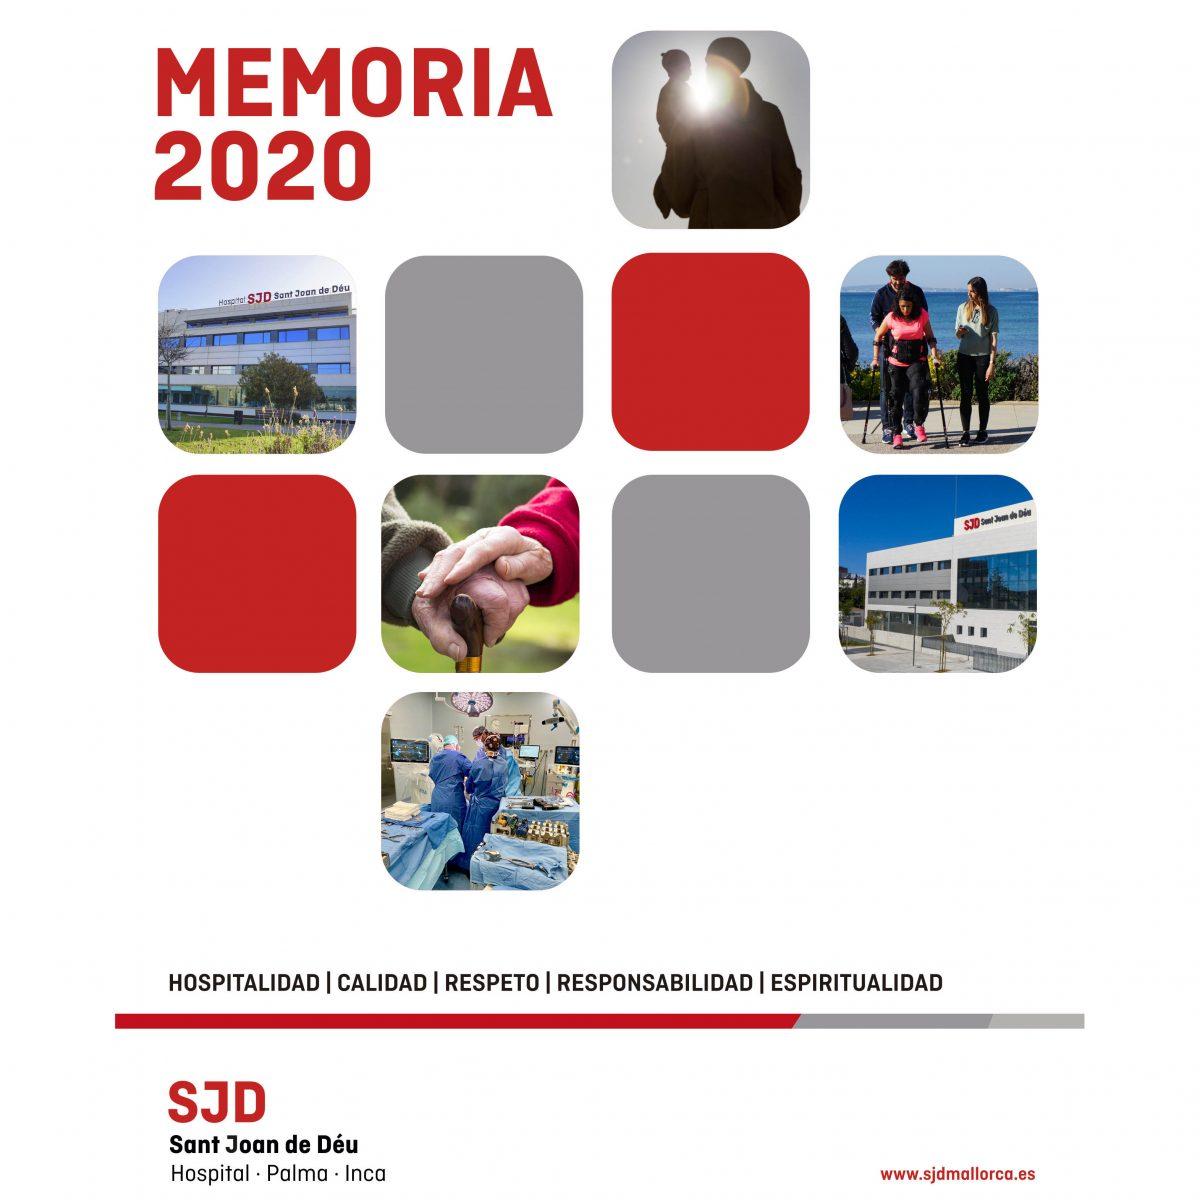 Memoria-2020-Hospital-SJD-Palma-·-Inca-cuadrado-1200x1200.jpg